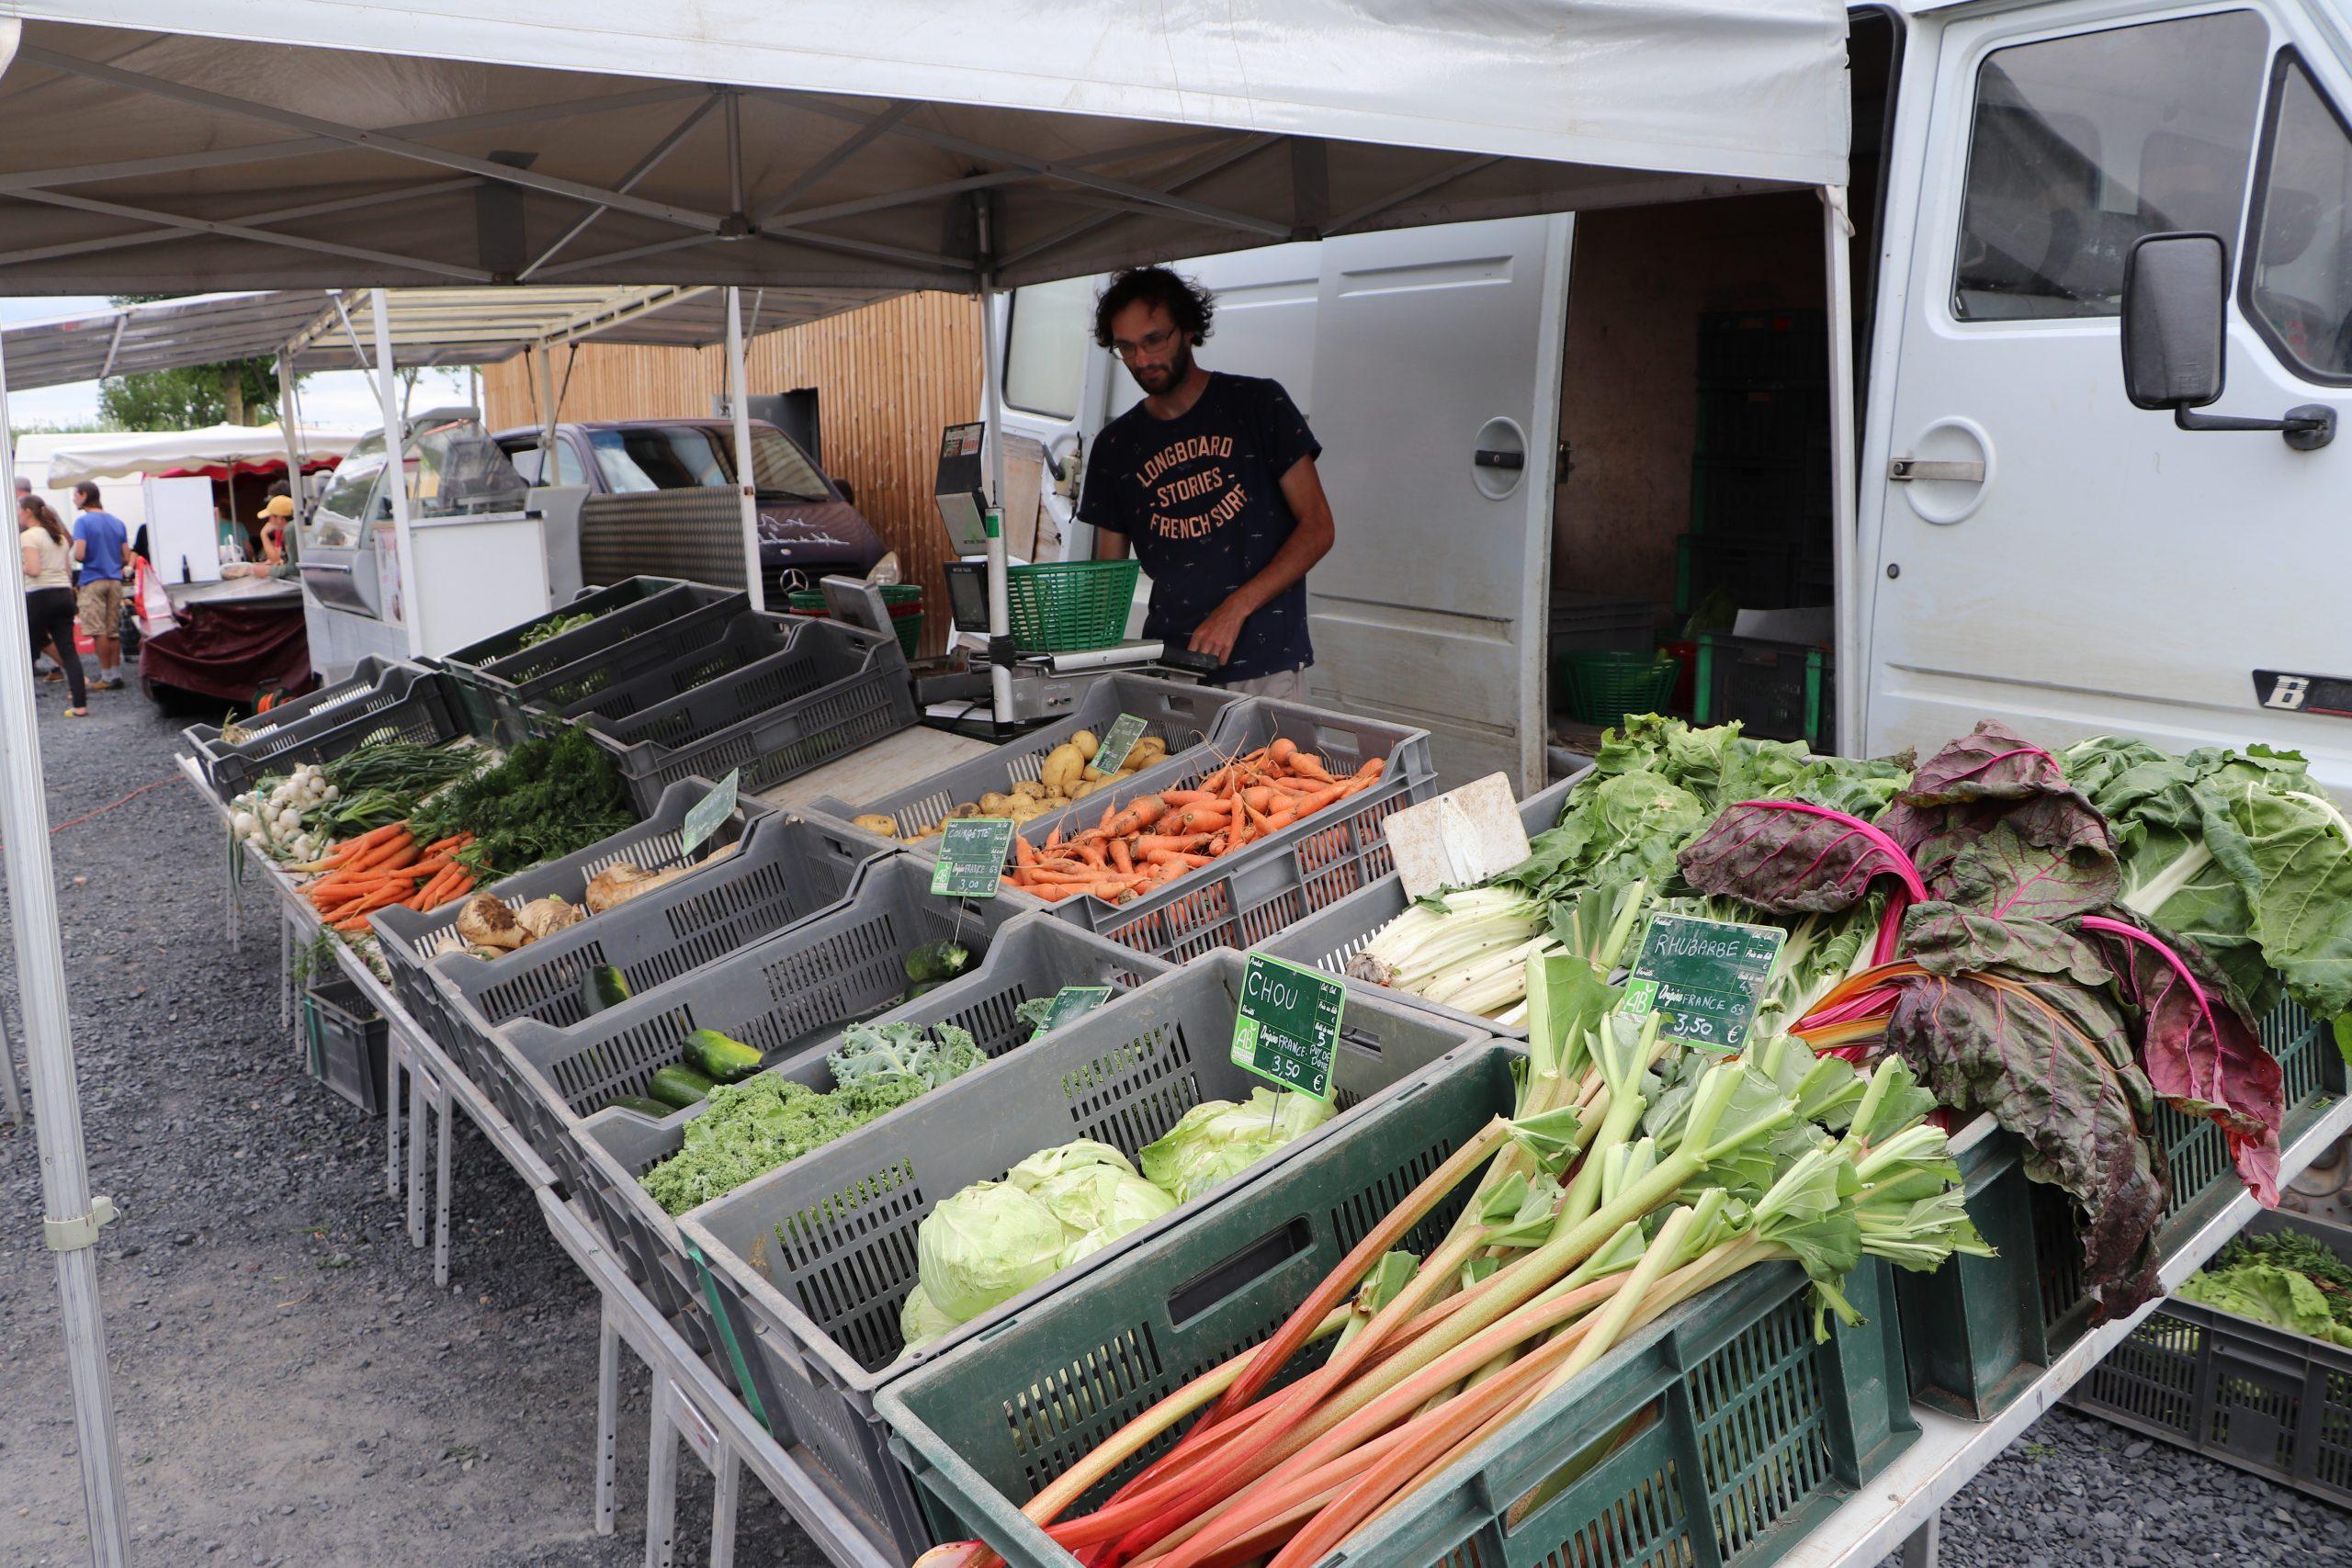 Cyprien Gony – Maraîchage & plants : légumes AB au détail